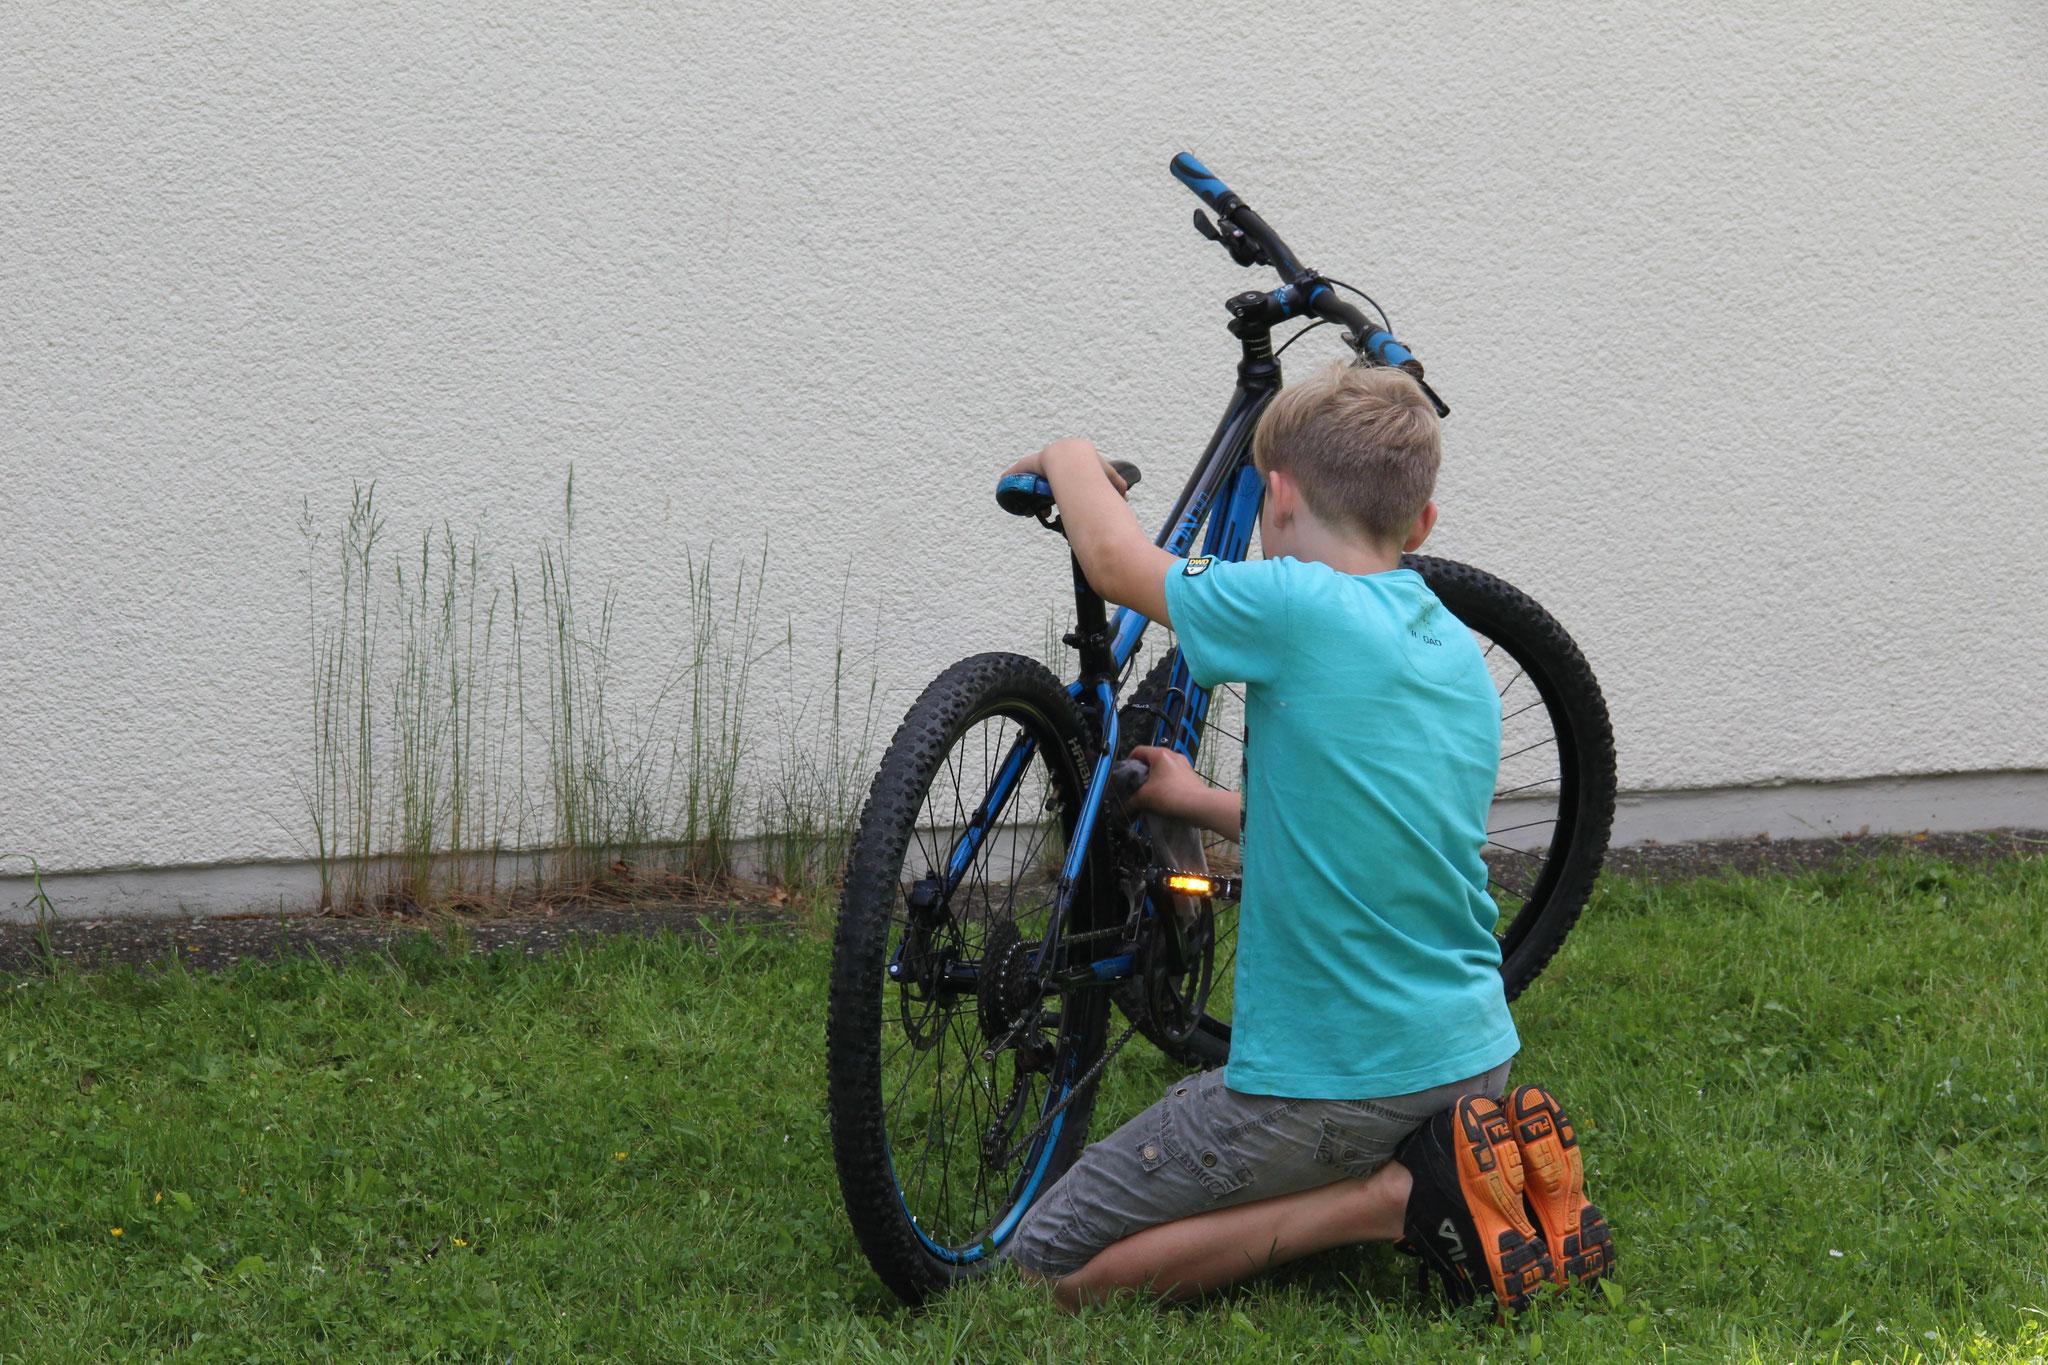 Fahrradreinigung